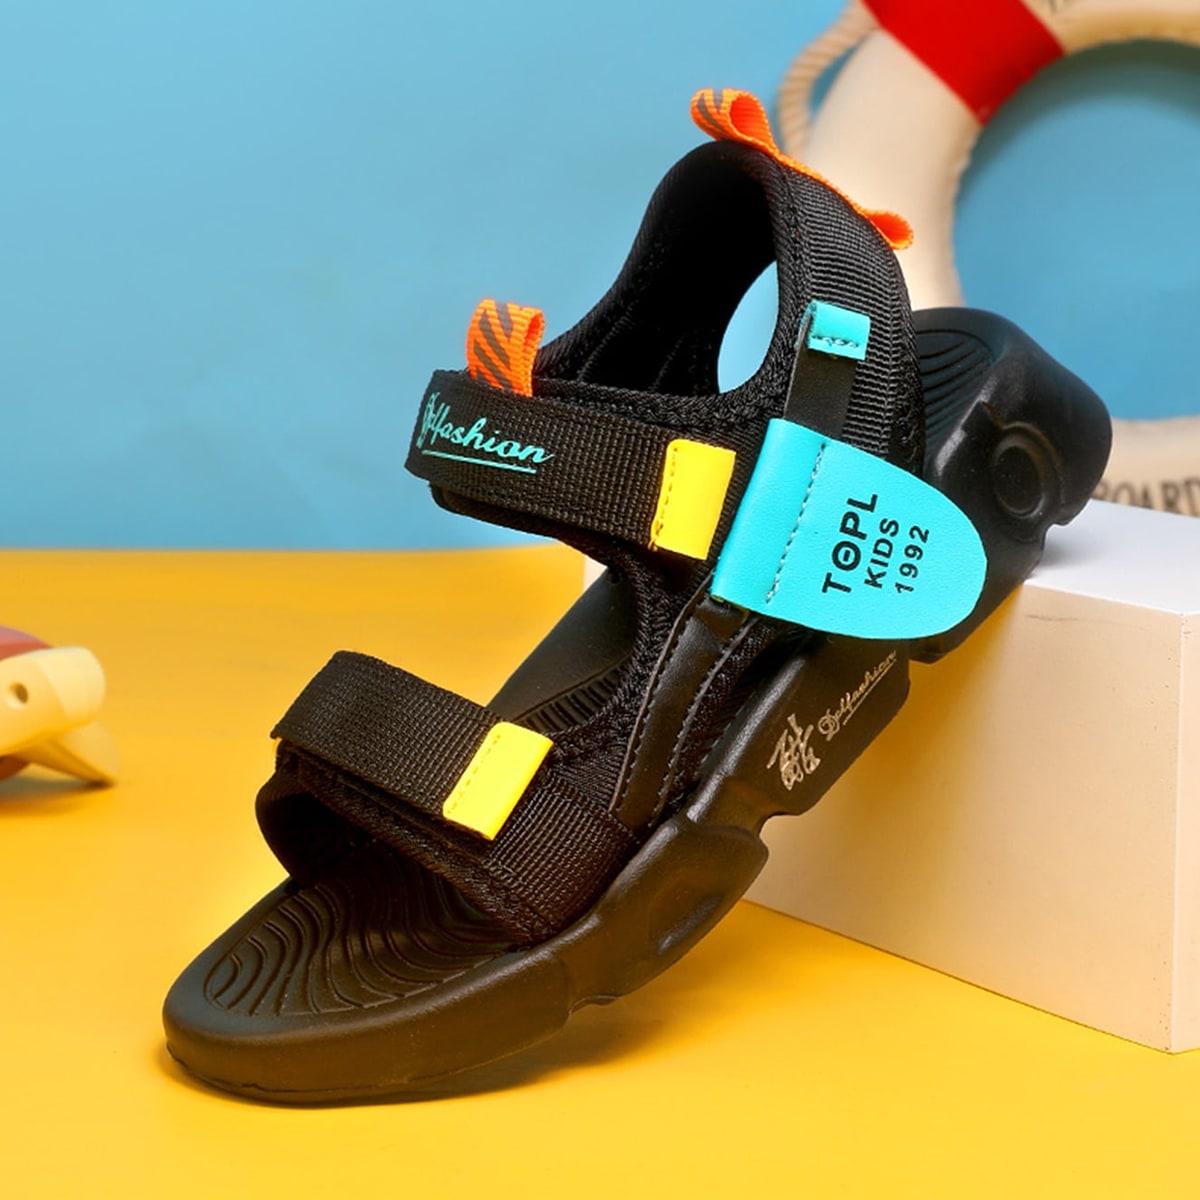 Спортивные сандалии для мальчиков с текстовым рисунком SheIn skshoes25210617546